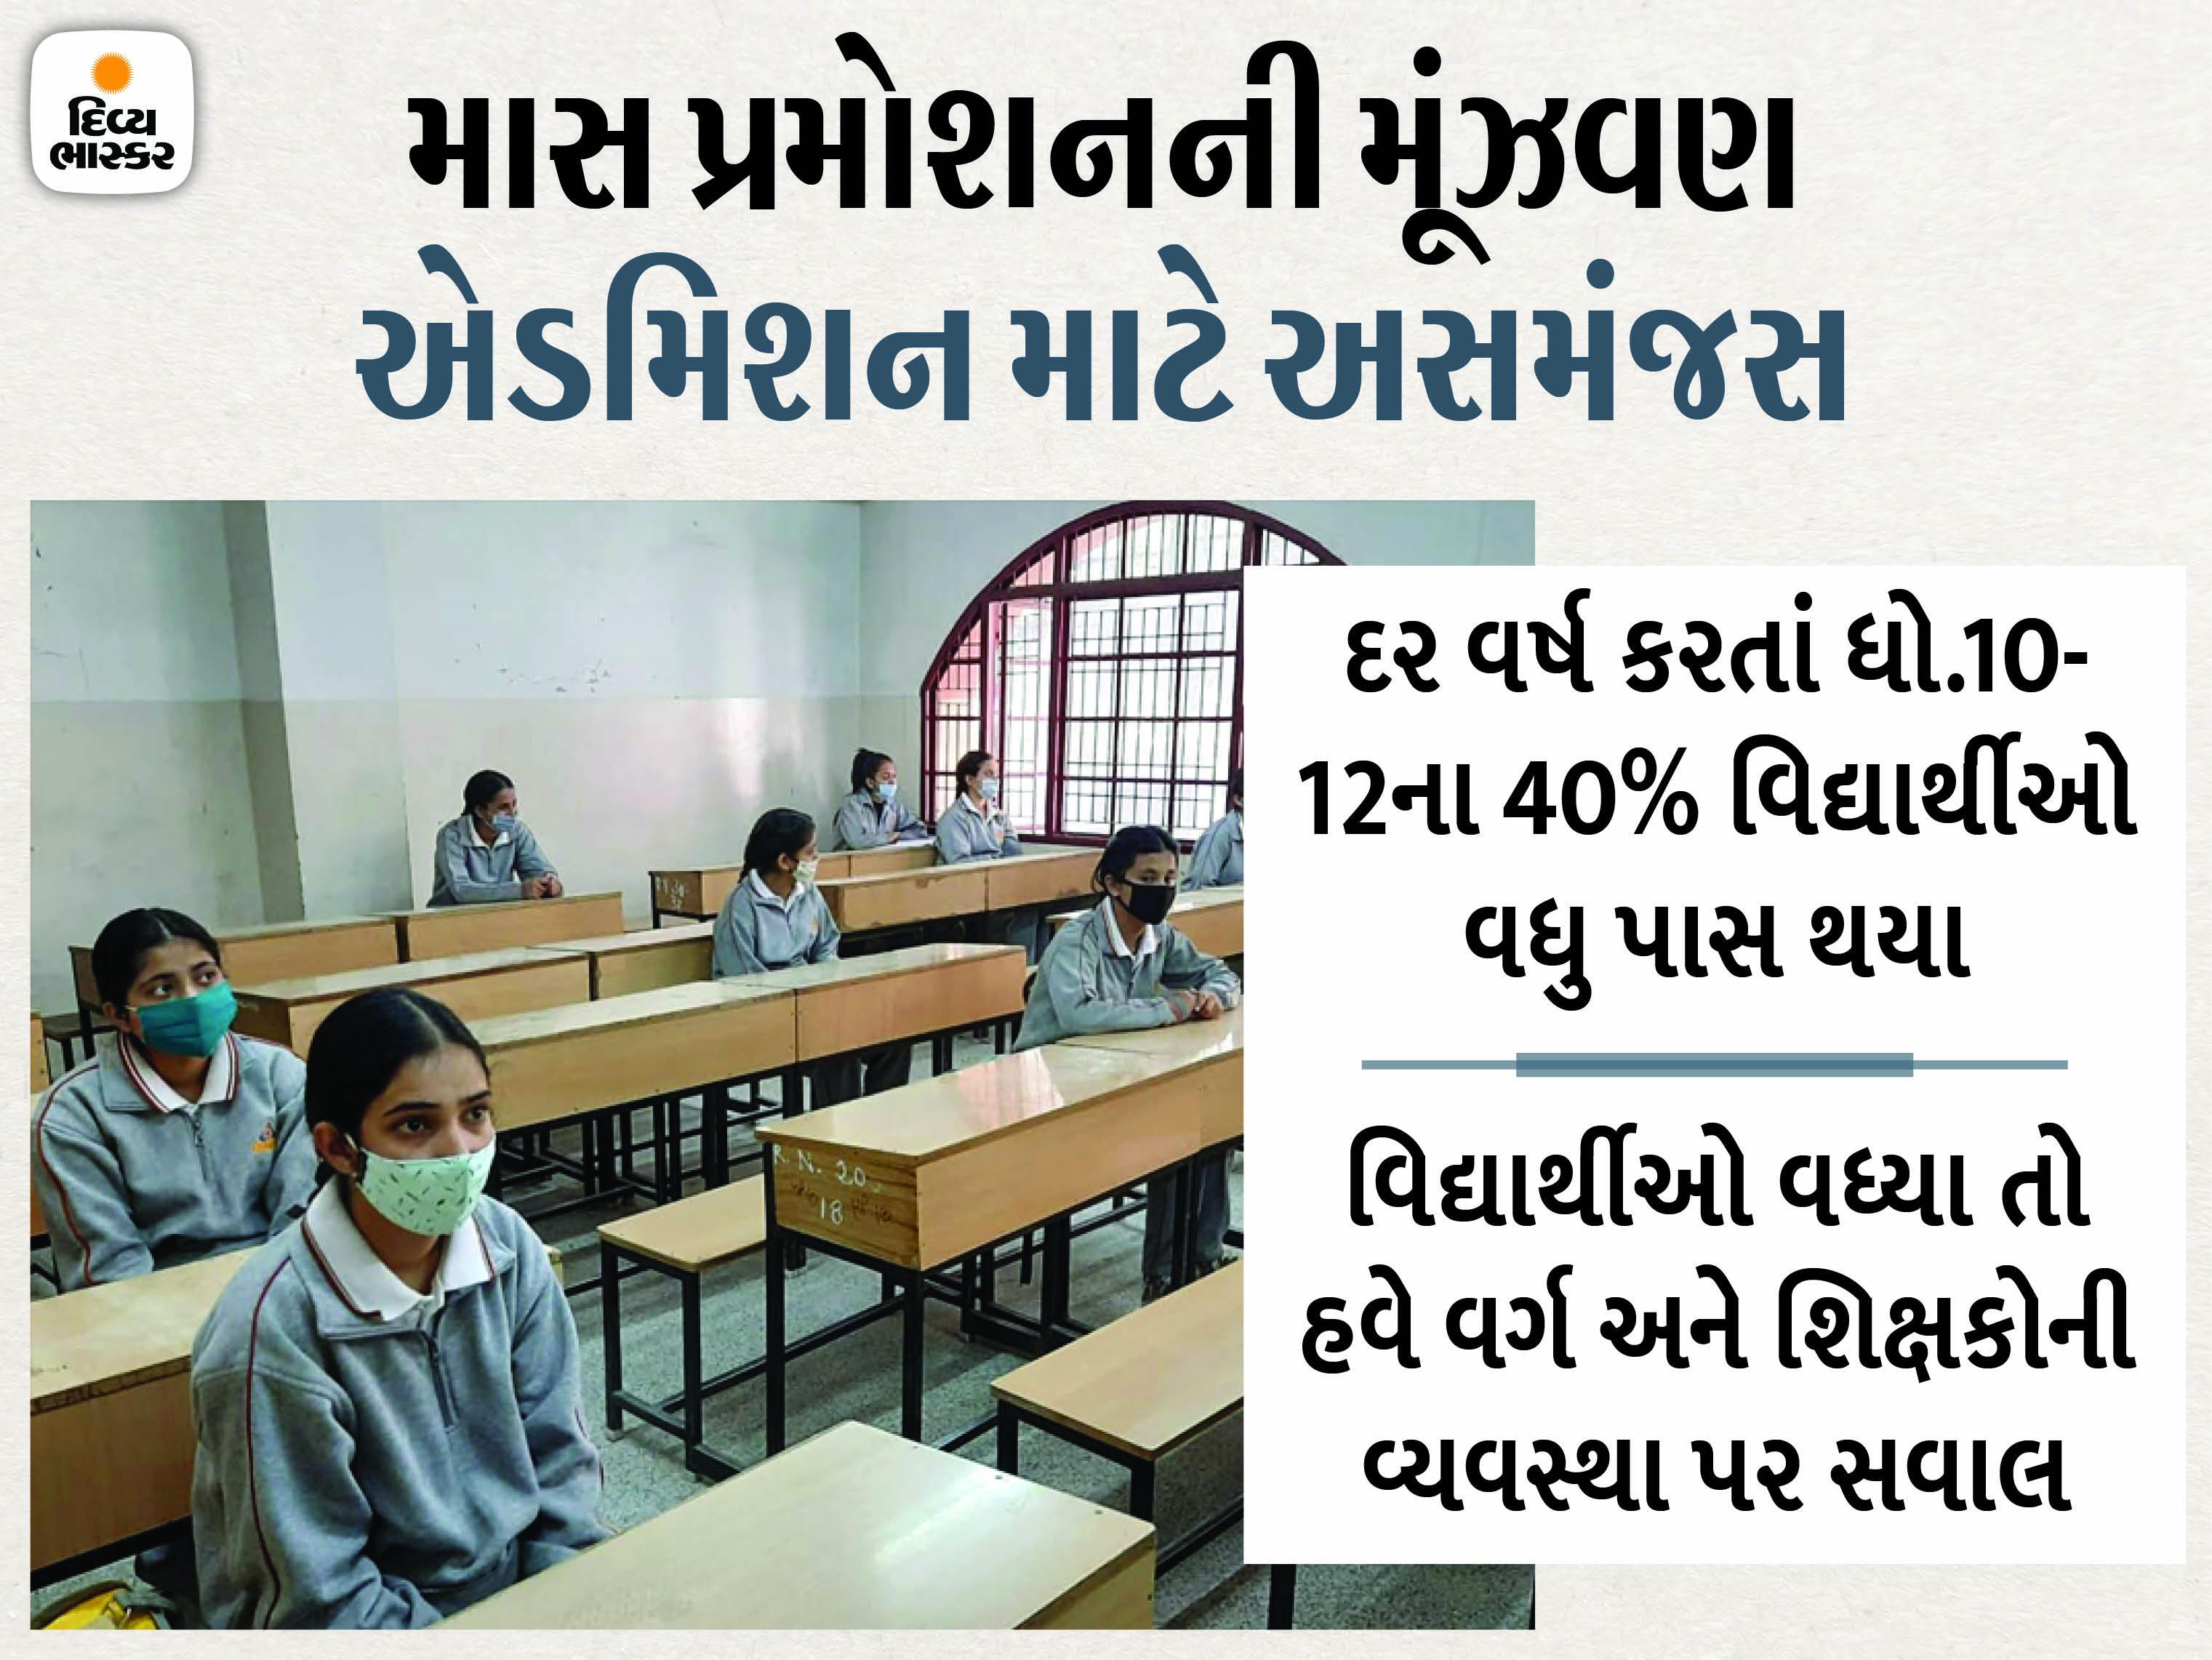 ધો.7-8 અને 9ના આધારે ધોરણ 10નું પરિણામ જાહેર થઈ શકે, શિક્ષણ વિભાગ પણ મૂંઝવણમાં, આખરે માર્કશીટ કેવી રીતે તૈયાર કરવી?|અમદાવાદ,Ahmedabad - Divya Bhaskar